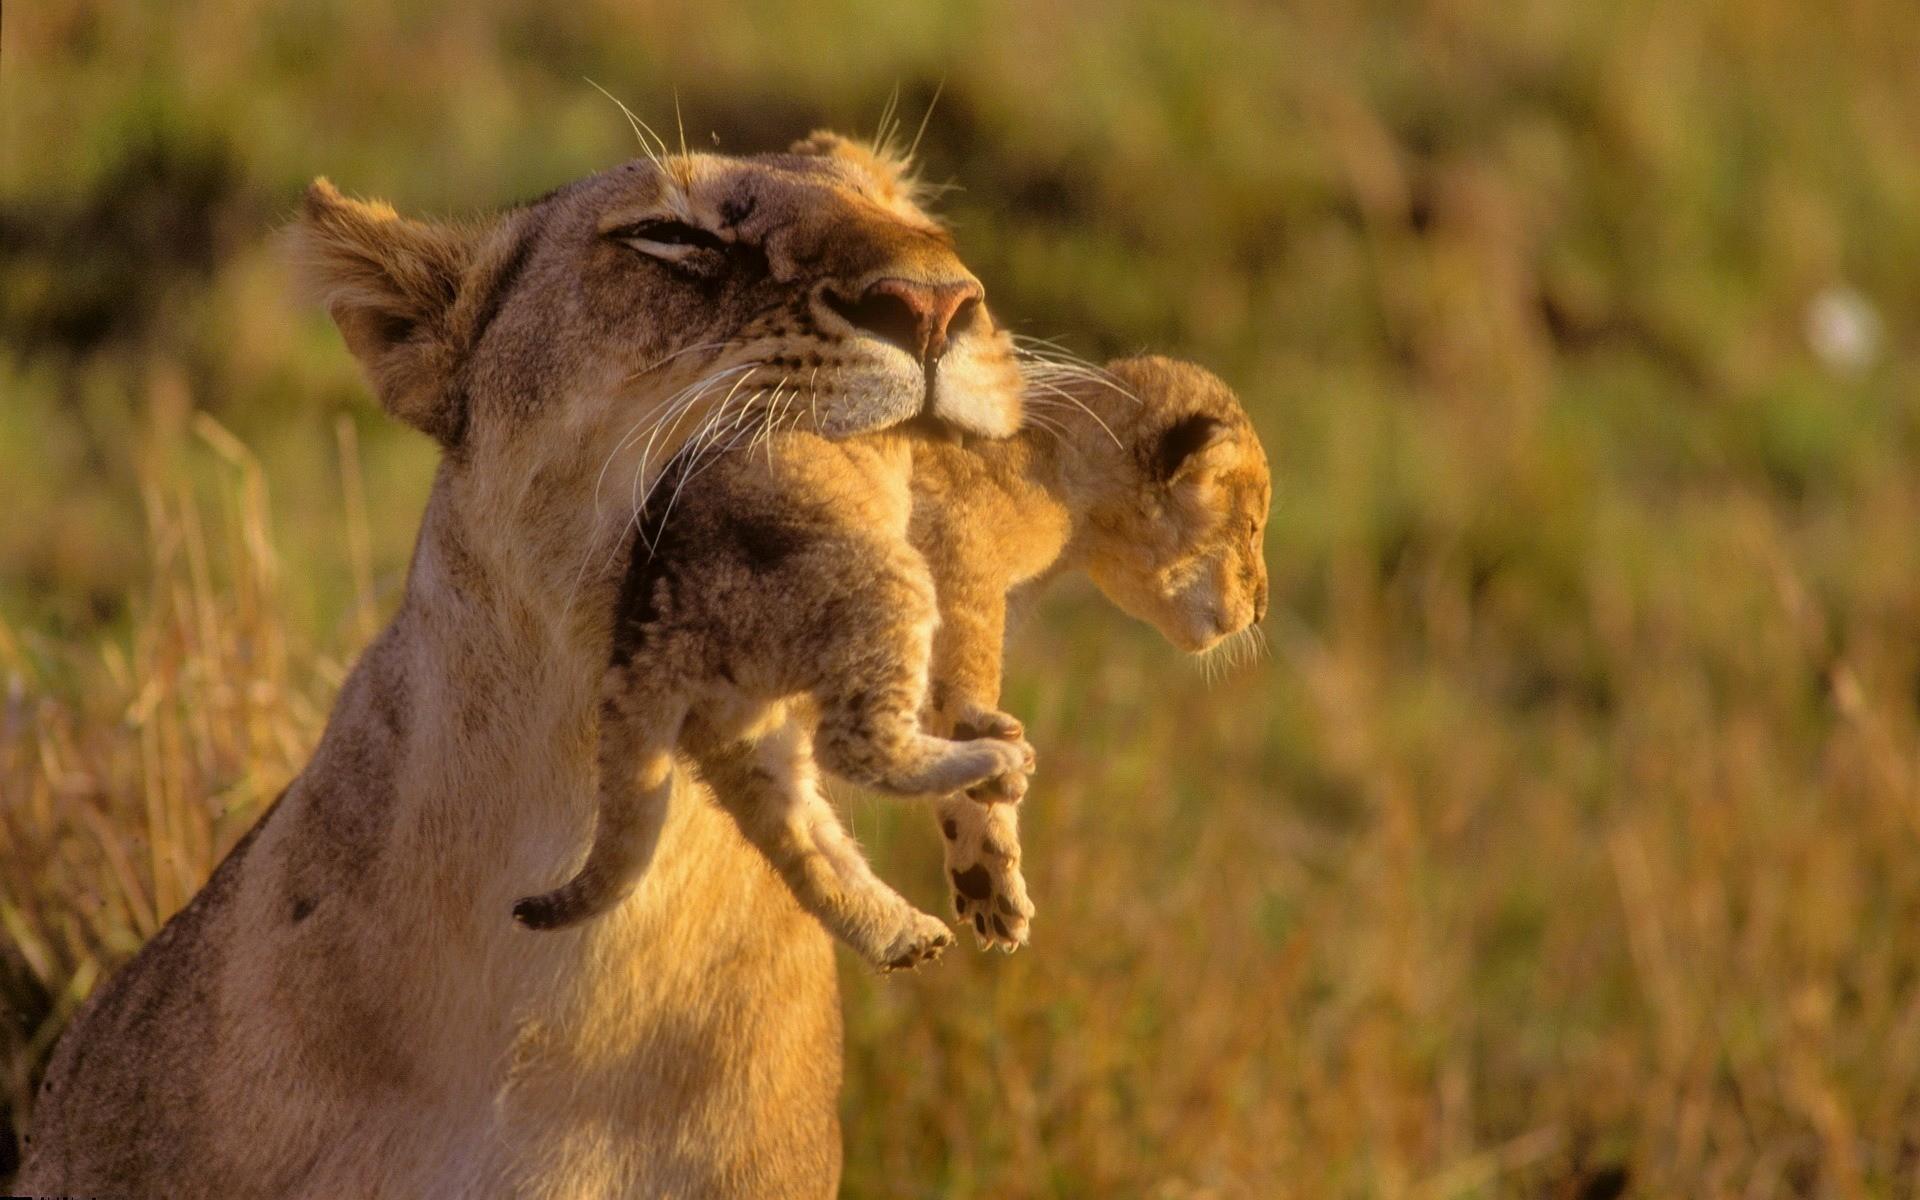 львица несет львенка, скачать фото, обои для рабочего стола